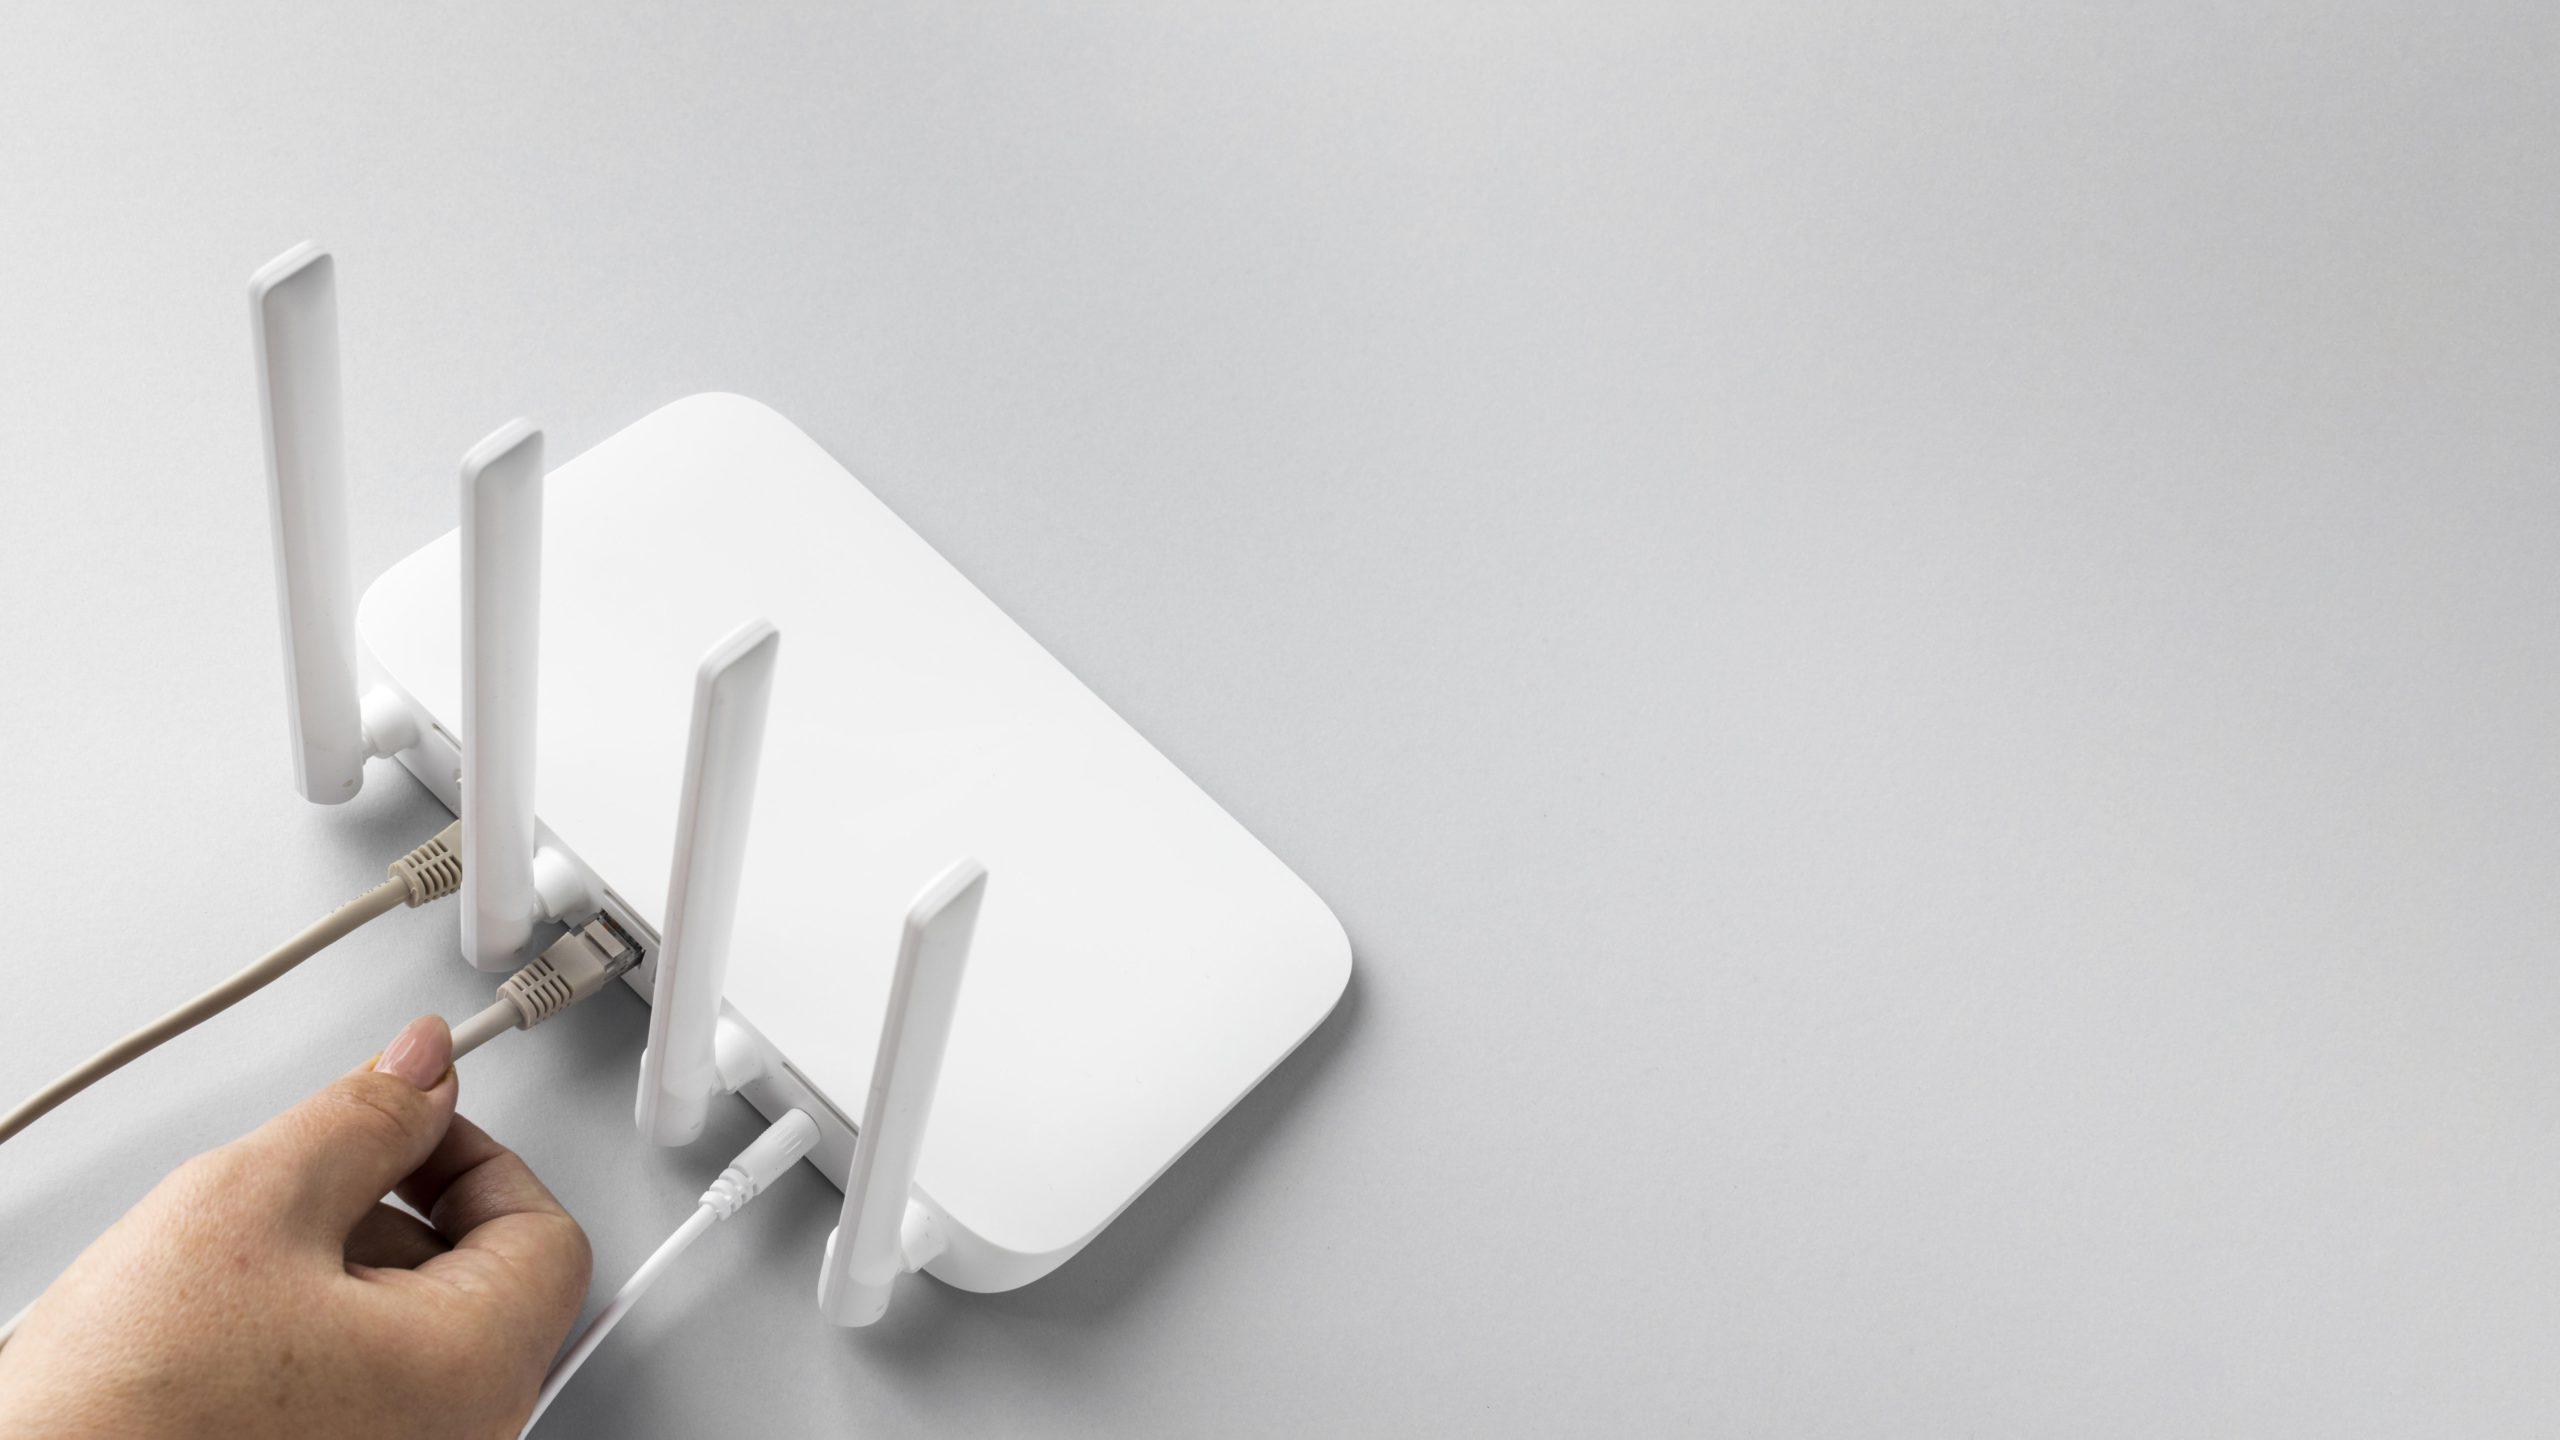 Самостоятельно настраиваем Wi-Fi роутер